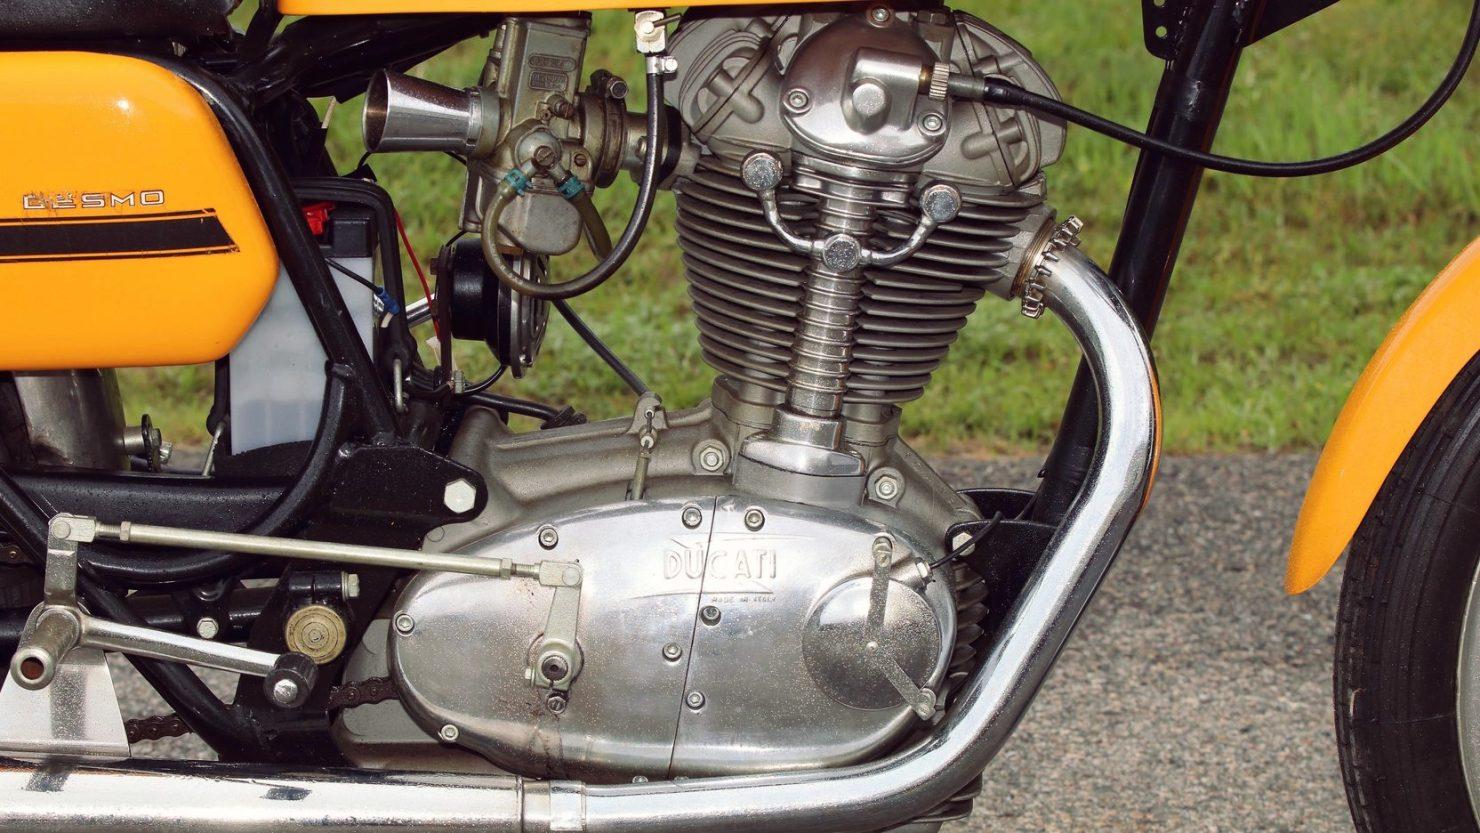 Ducati 350 Desmo 5 1480x833 - 1970 Ducati Desmo 350